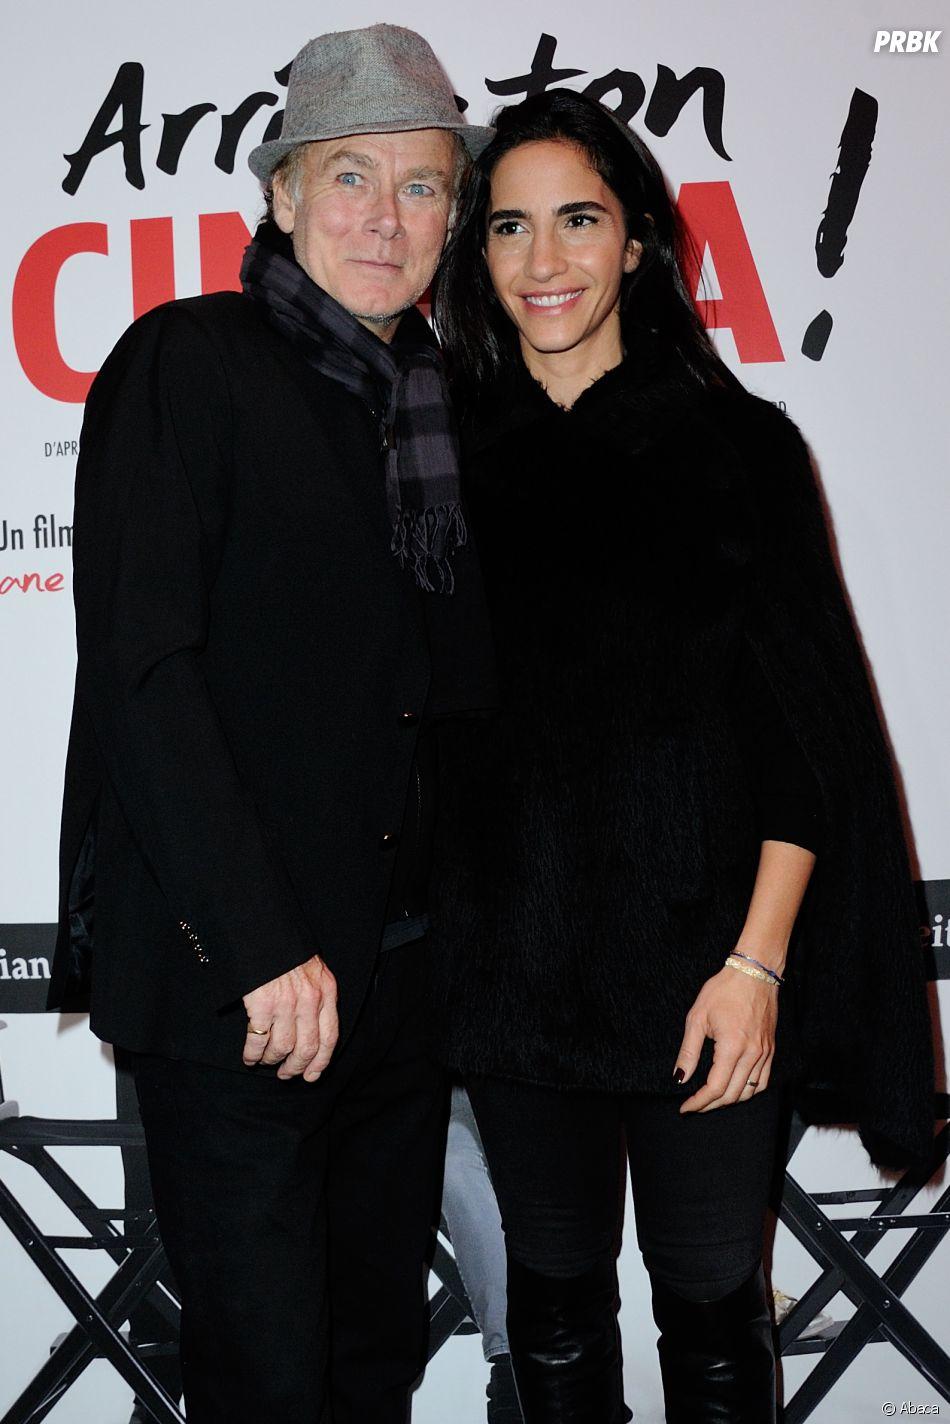 Franck Dubosc et sa femme Danièle à la première du film Arrête ton cinéma en janvier 2016